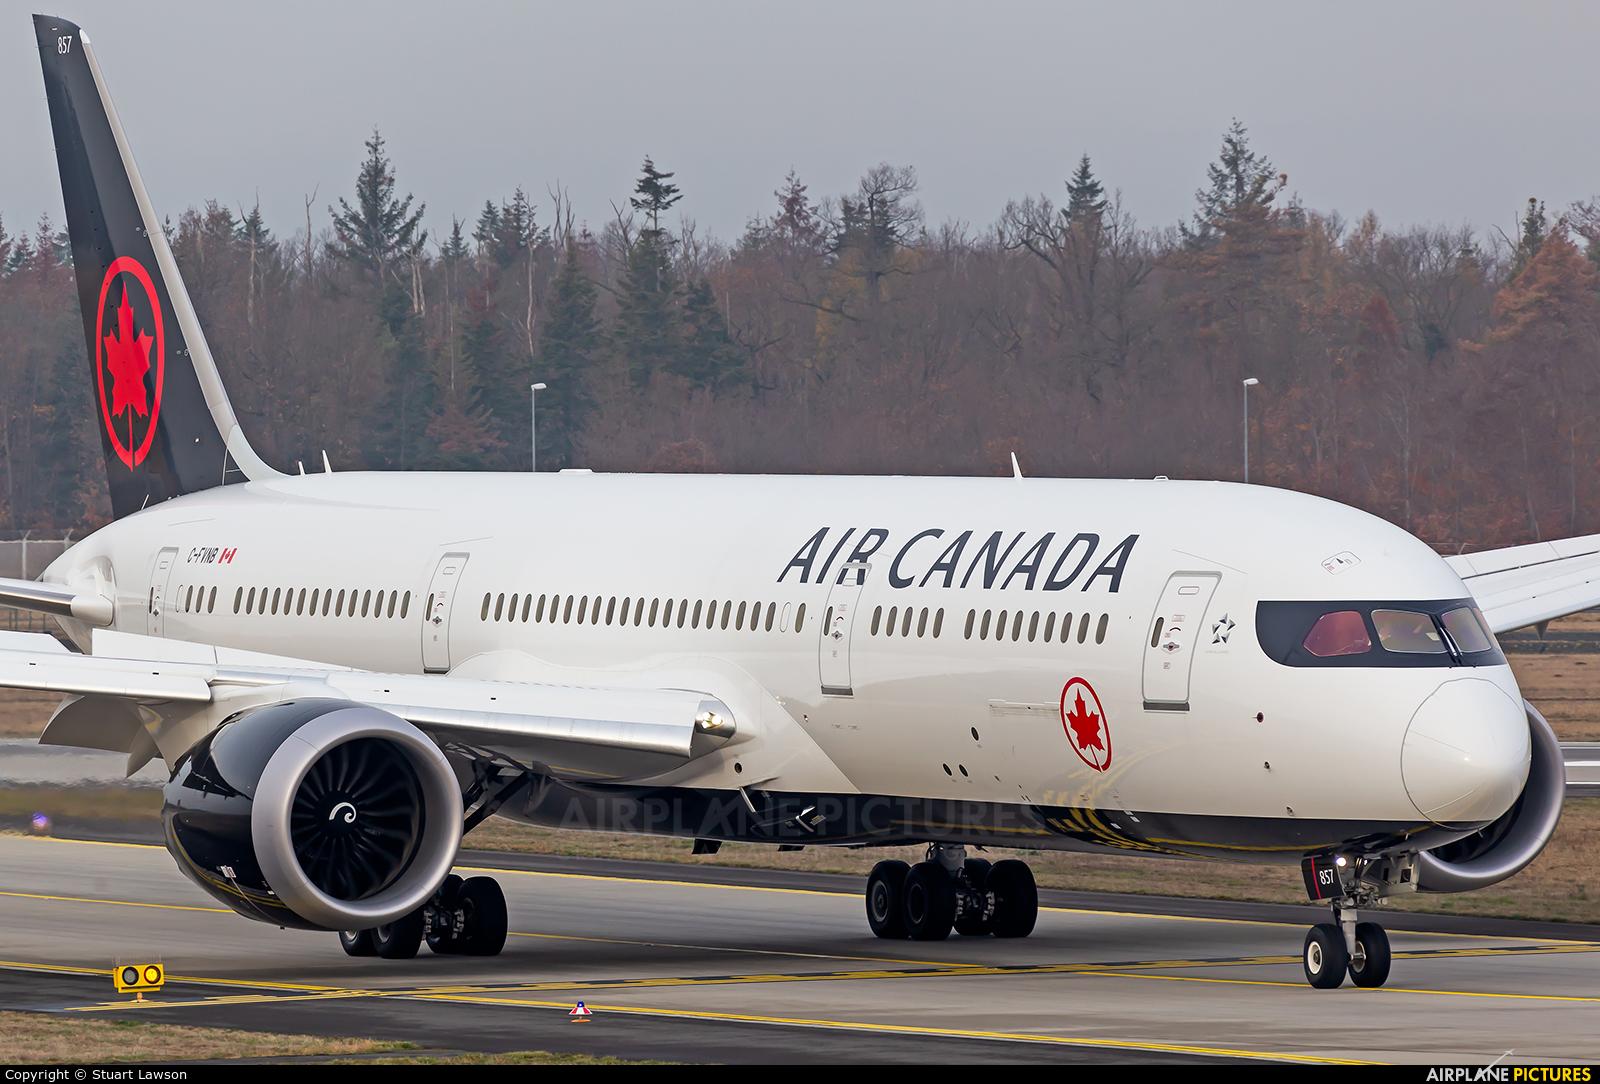 Air Canada C-FVNB aircraft at Frankfurt